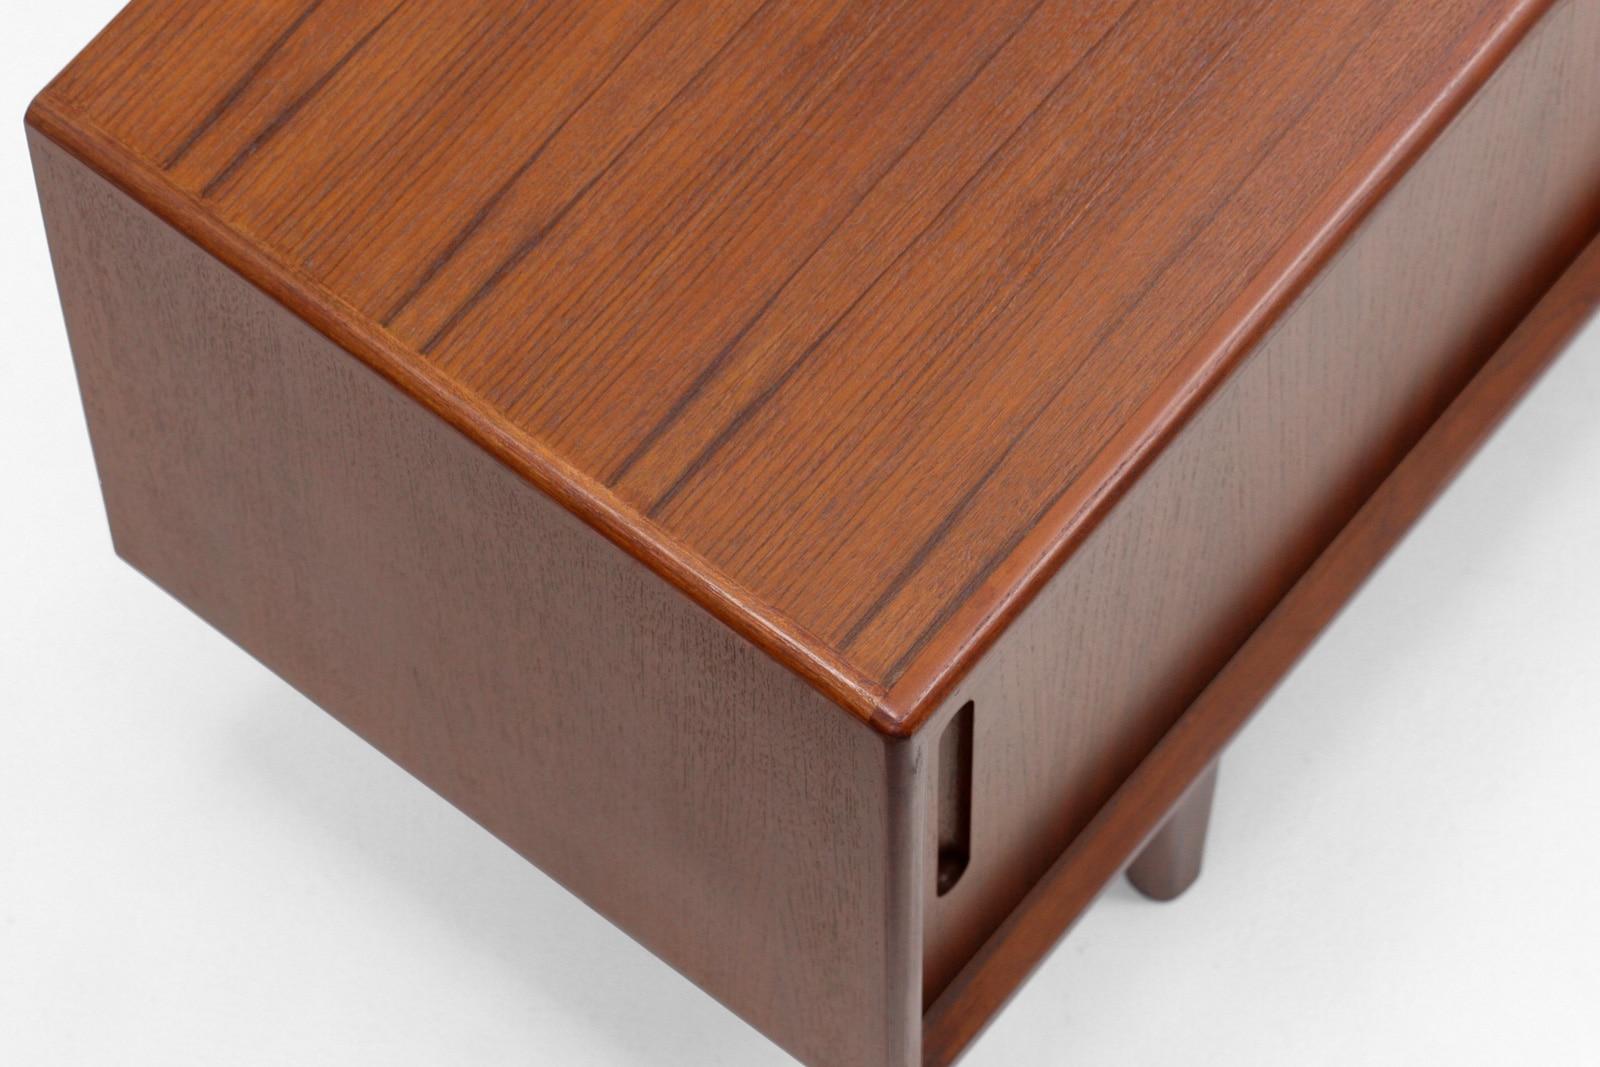 北欧,デザイン,家具,クロッケン,チーク材,サイドボード